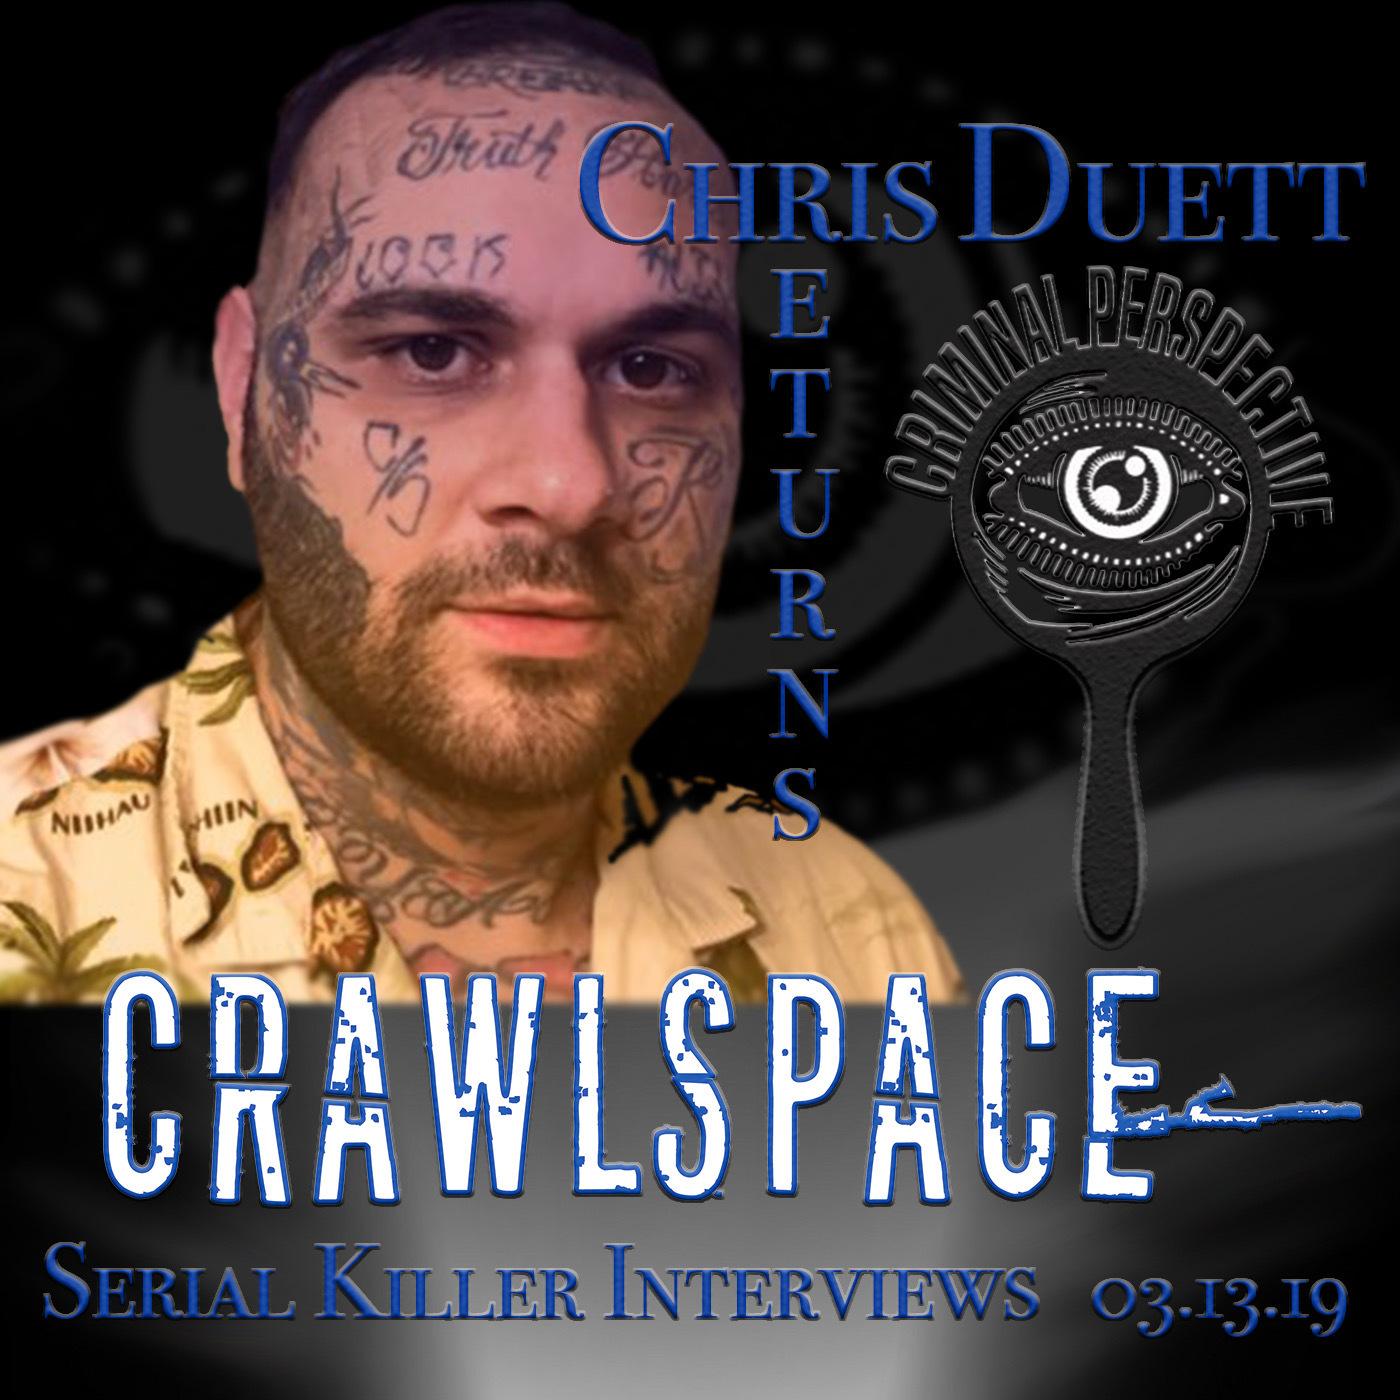 Serial Killer Interviews